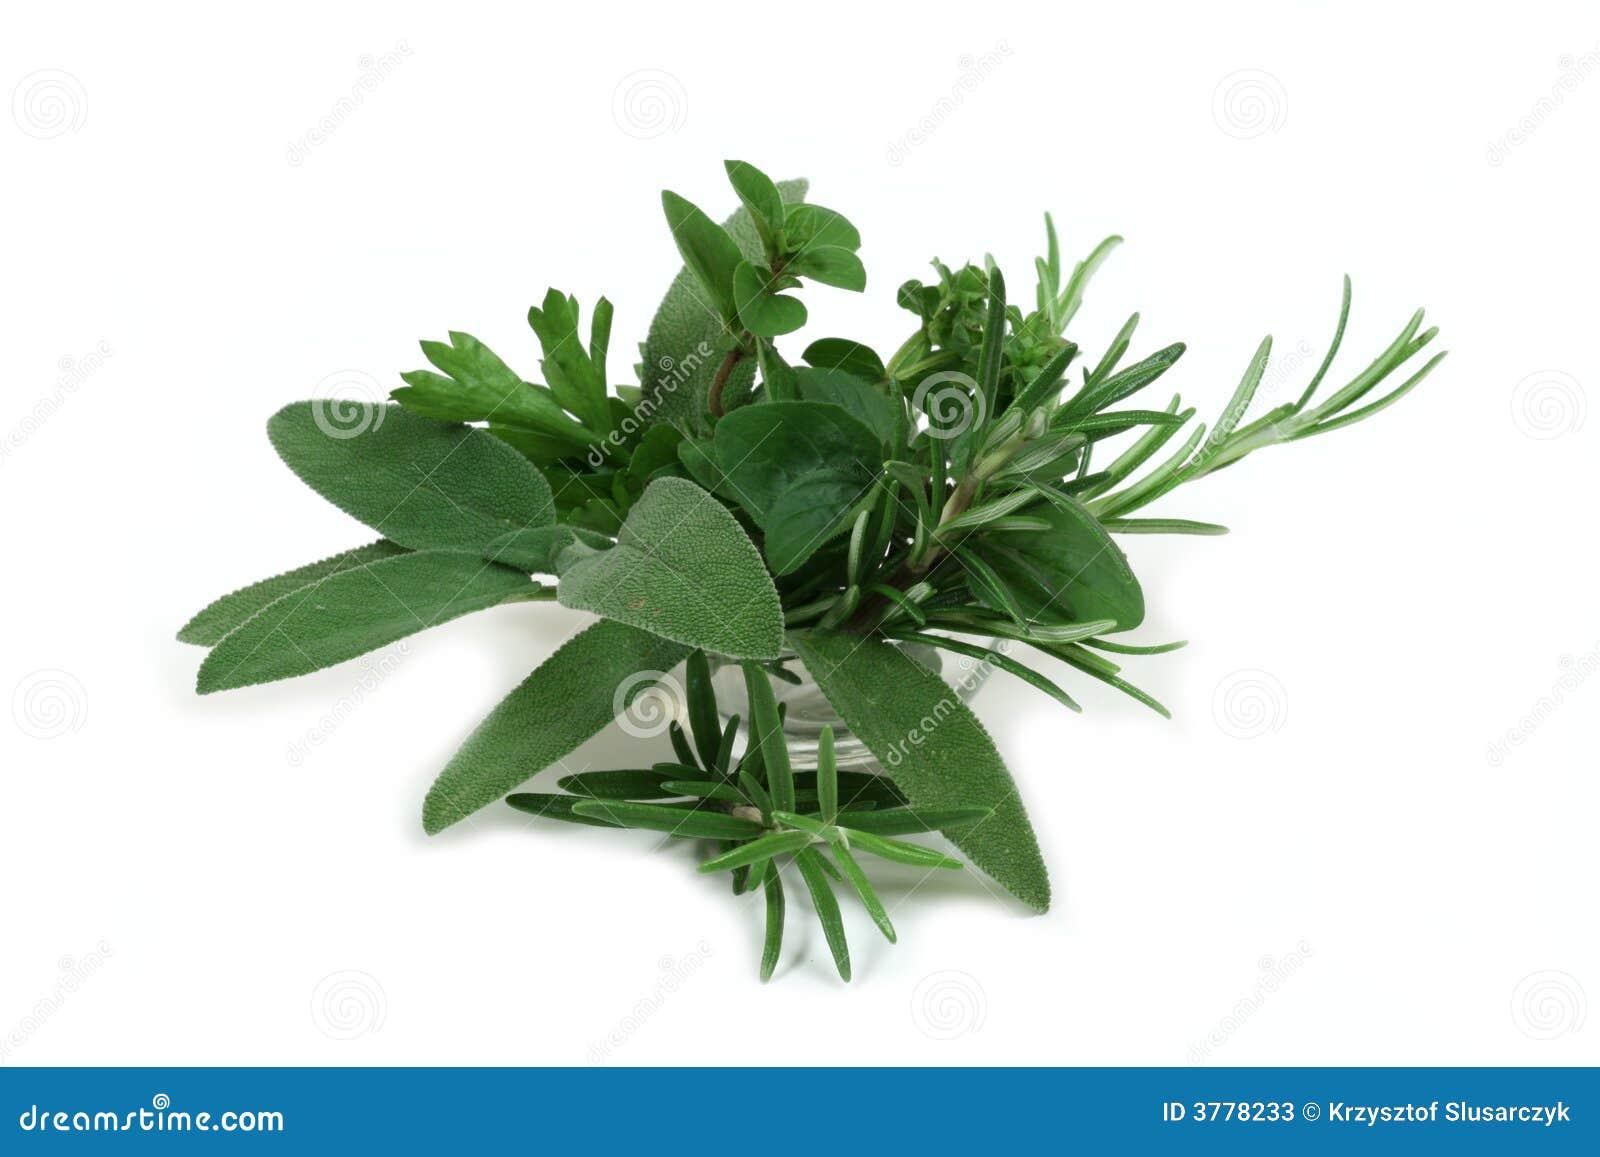 Hierbas arom ticas para cocinar fotos de archivo imagen for Plantas aromaticas para cocinar